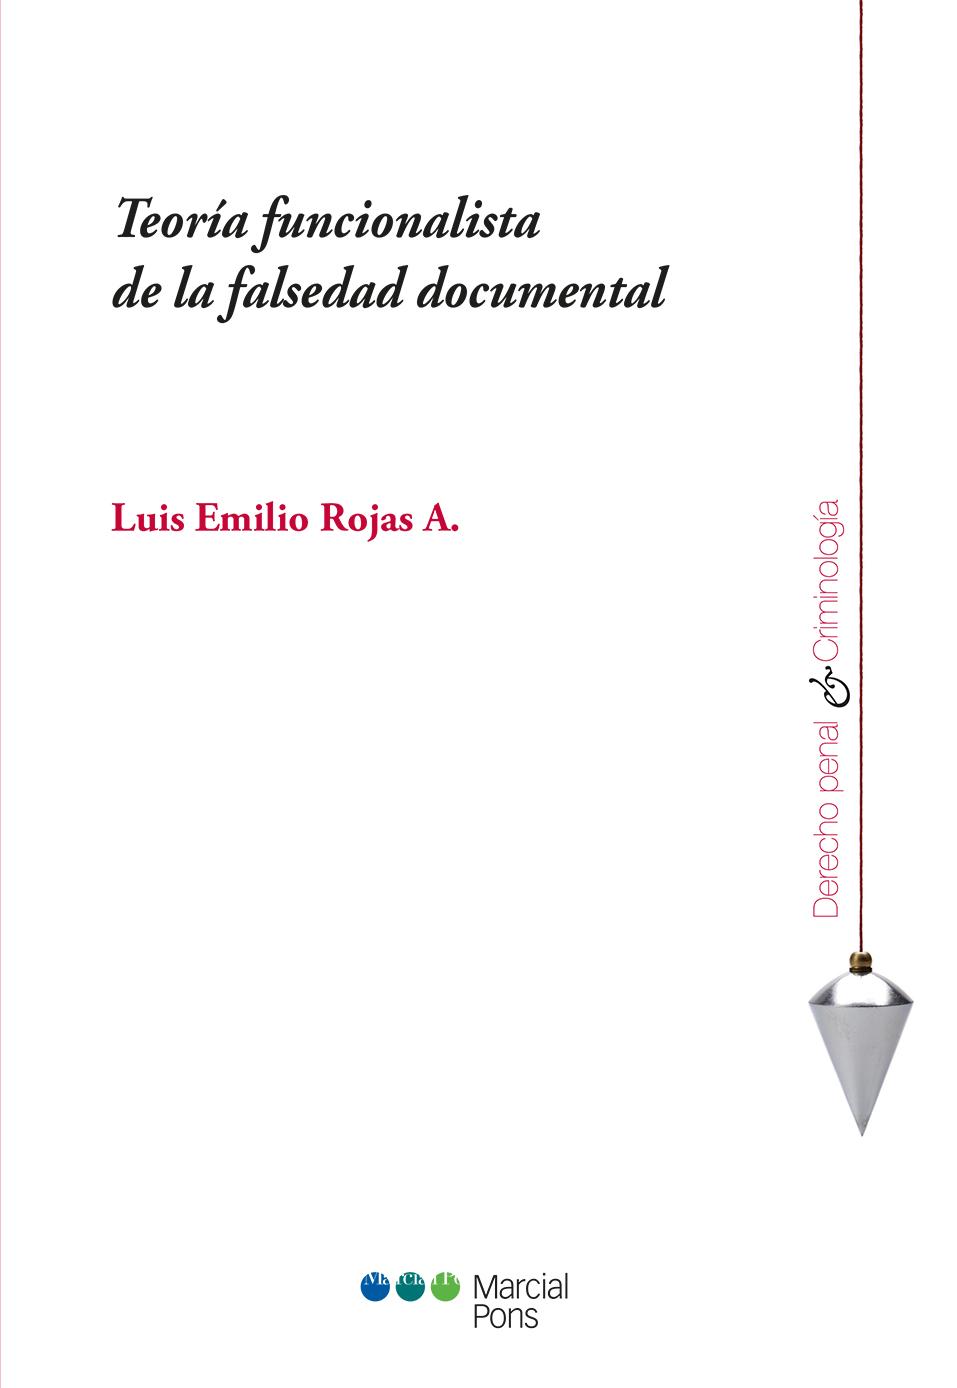 Portada del libro Teoría funcionalista de la falsedad documental